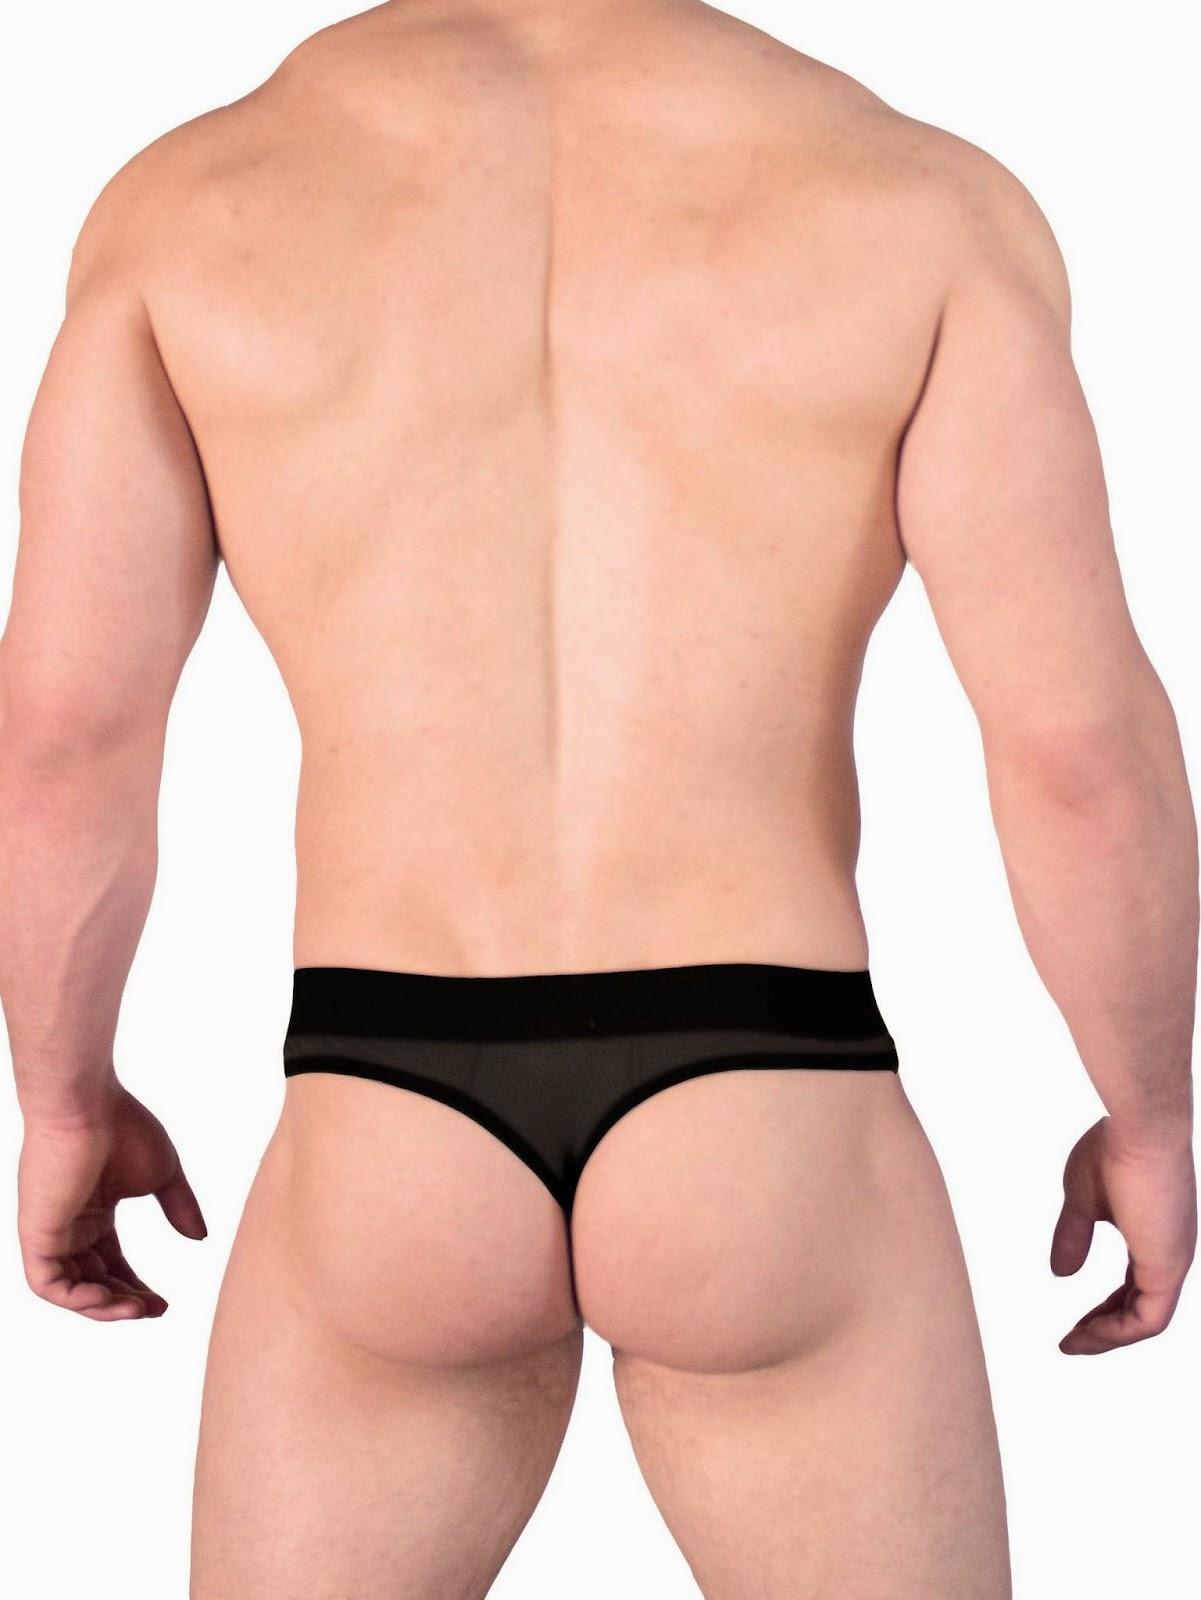 GBGB Wear Marius Thong Underwear See-Through Pouch Back Gayrado